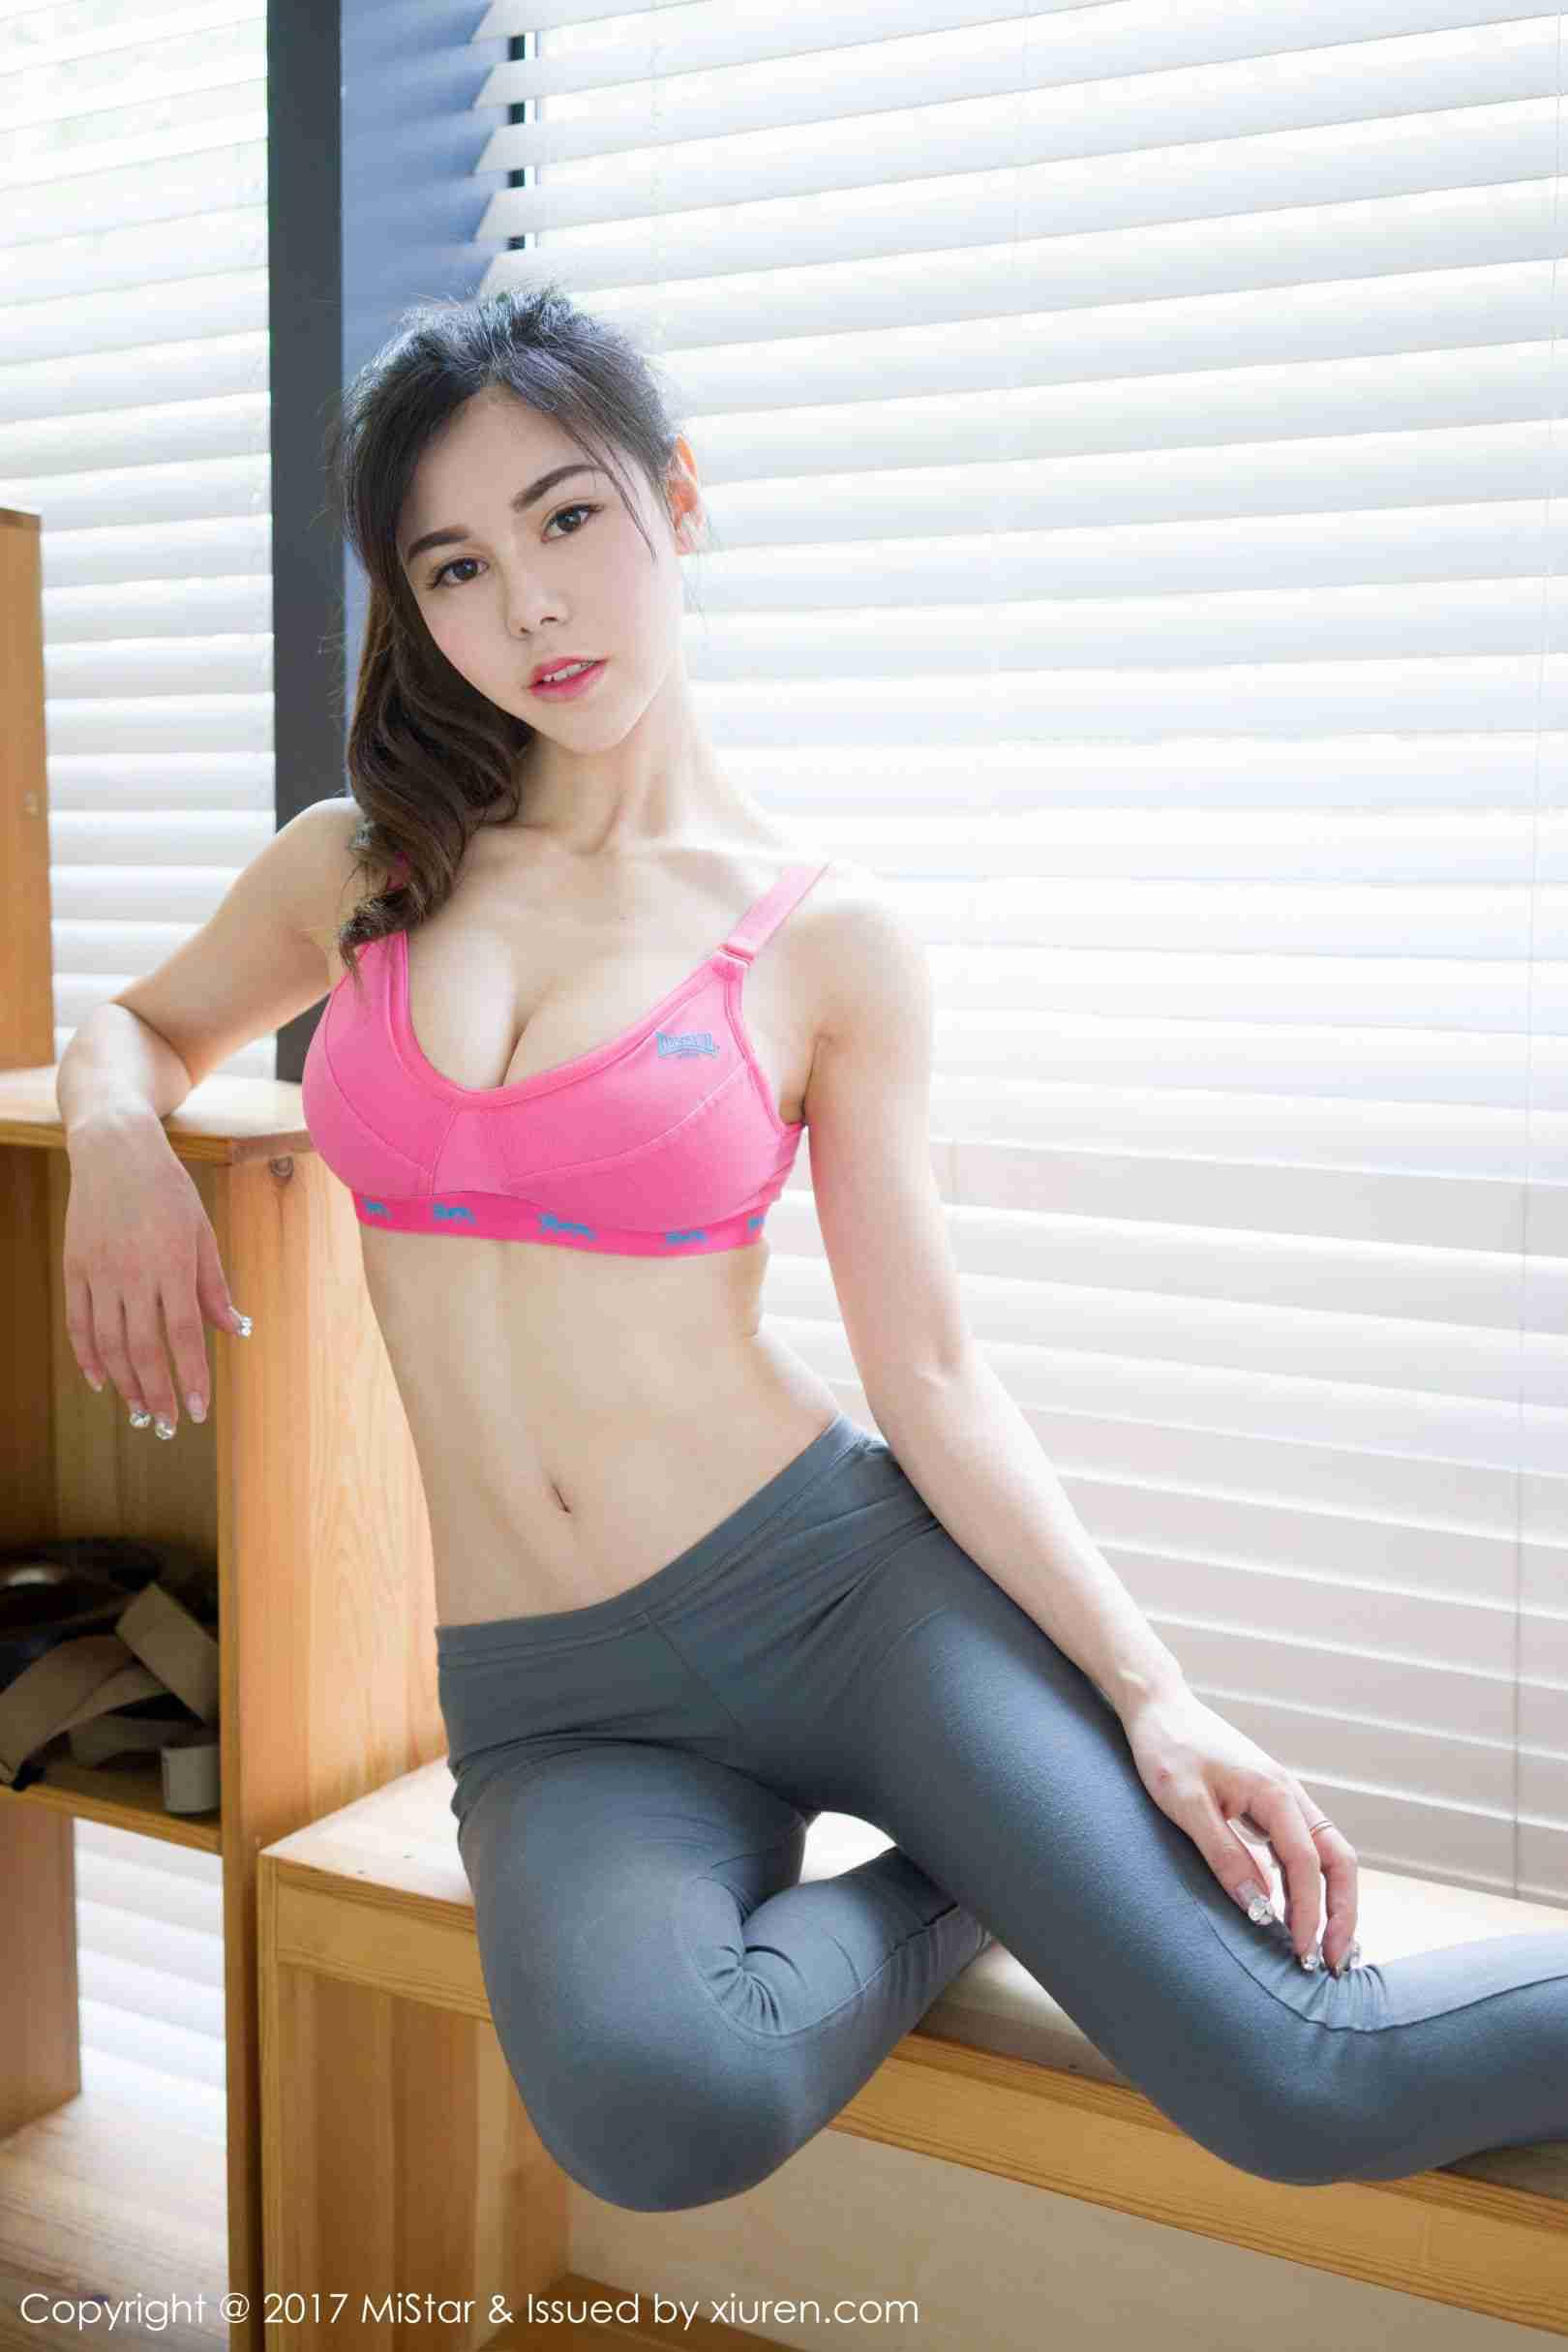 沈佳熹 - 健身房运动装系列